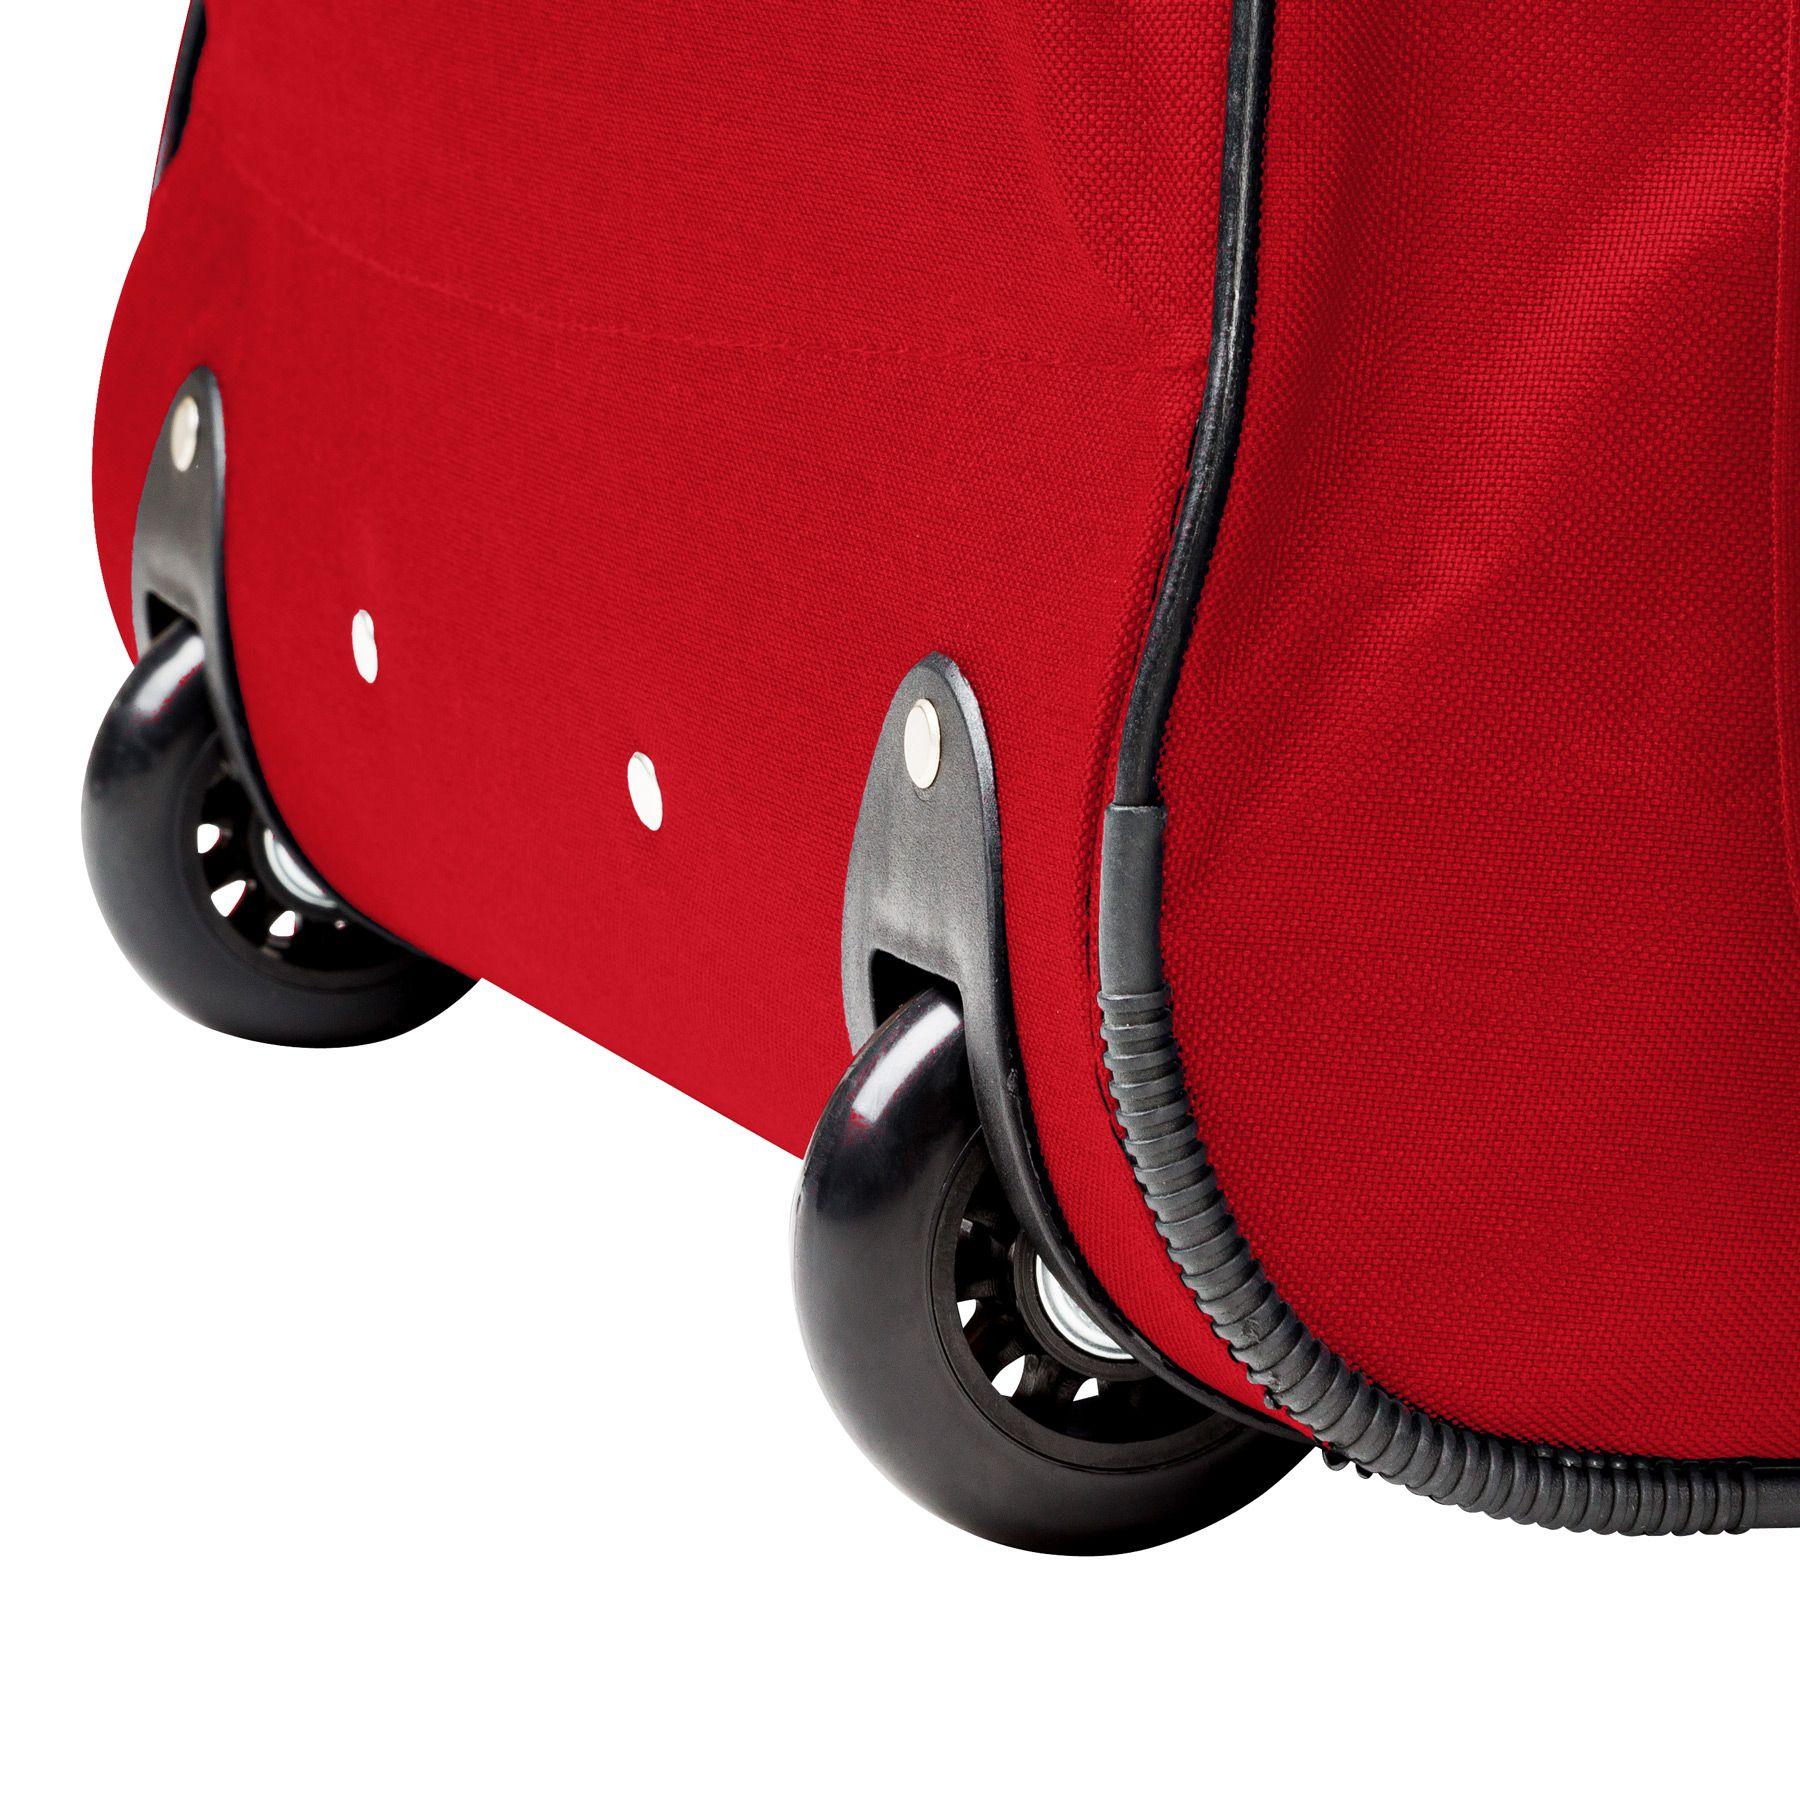 TecTake_Reisetasche_402214_7 Sac de voyage XXL valise trolley légère sport bagage à roulettes 160 litres